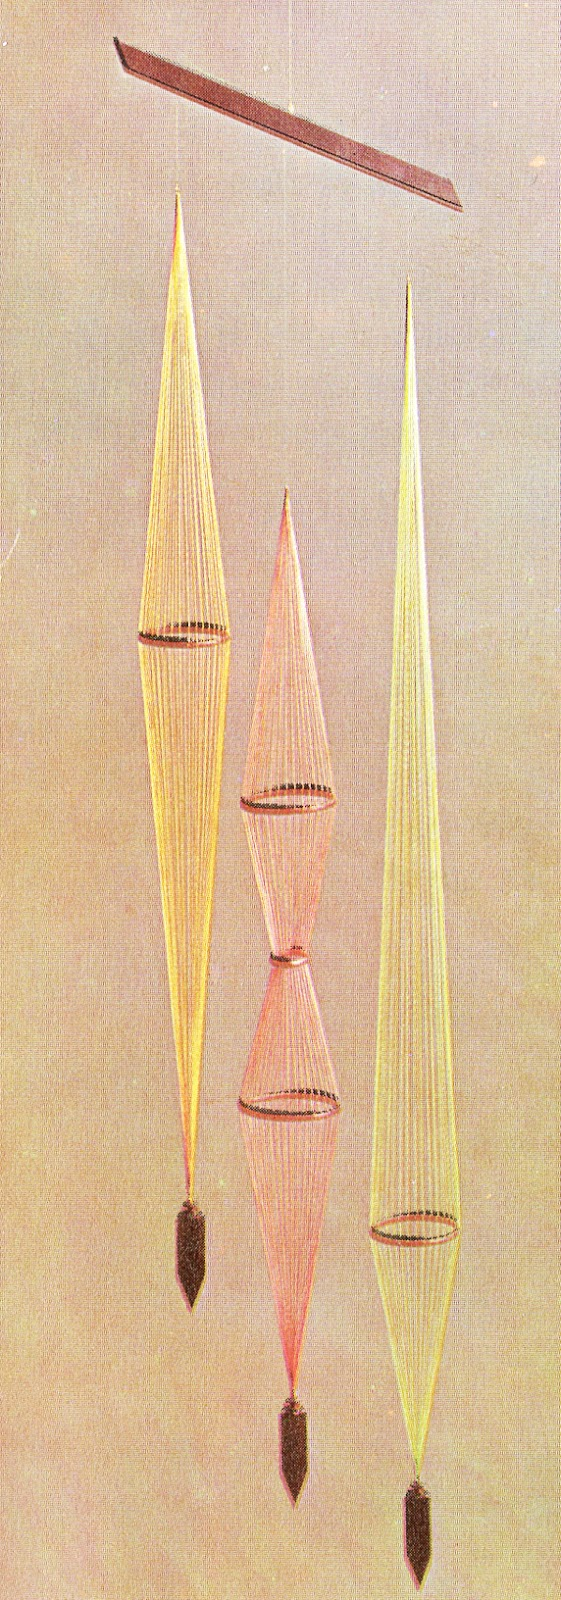 vintage string mobile fil fils années 70 1973